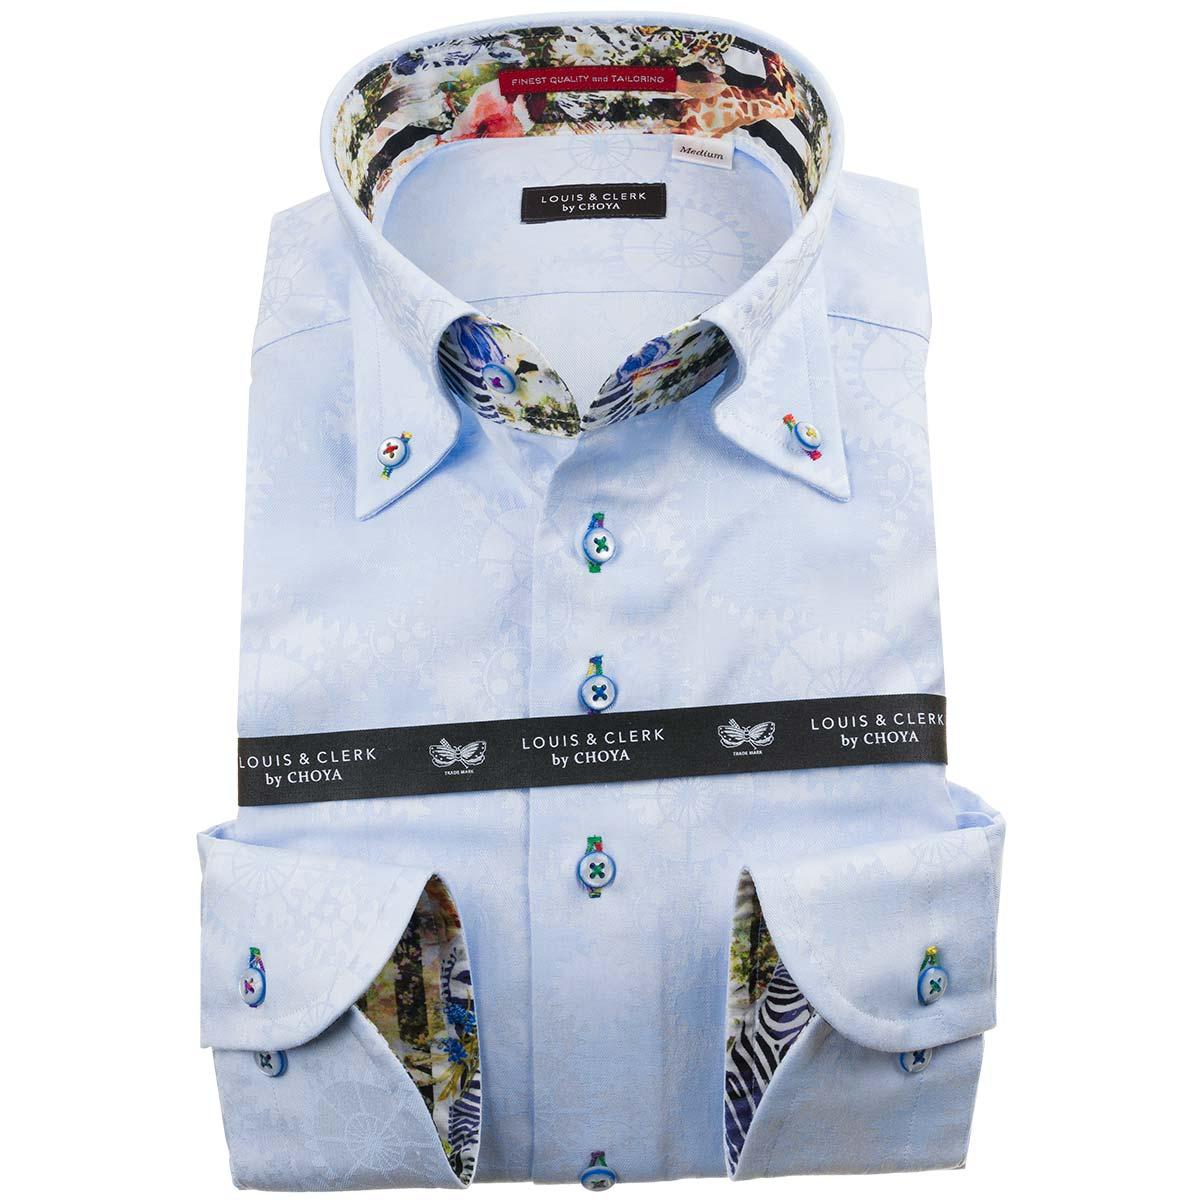 ドレスシャツ ワイシャツ シャツ メンズ 国産 長袖 綿100% コンフォート ボタンダウン スカイブルー ジャガード織柄 歯車機械 ギアパーツ 1912